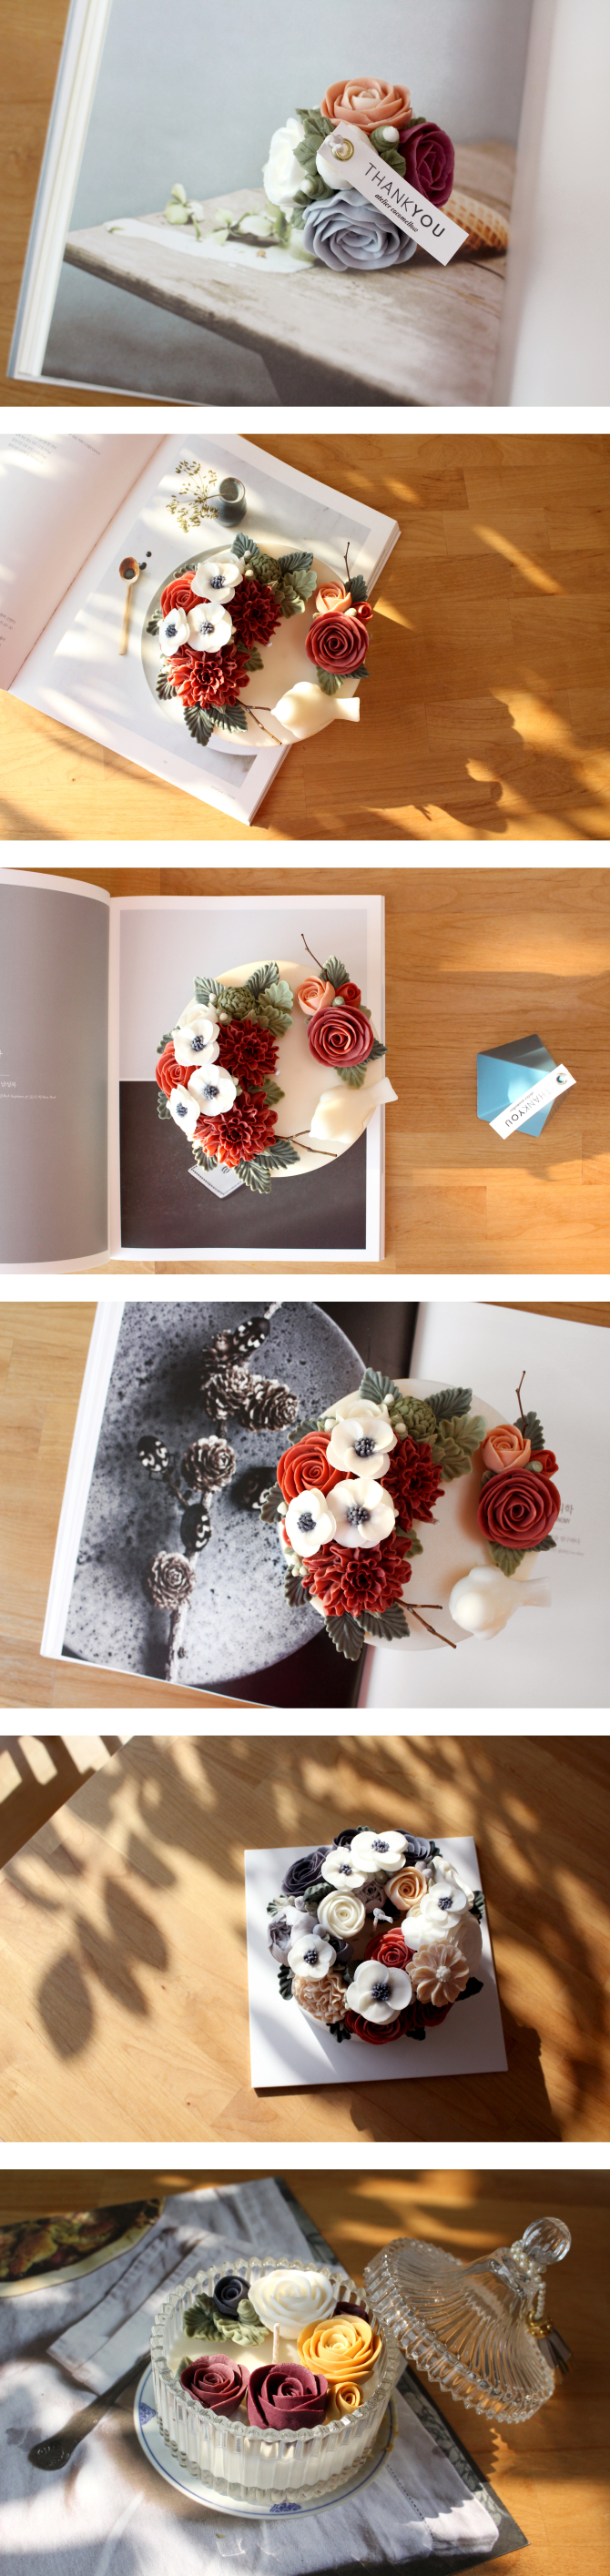 소이 플라워 캔들 Sweet soy flower candles. #candle #design #soyflower #nature #interior #handmade #atelier #cocomellow #캔들 #캔들공방 #소이플라워